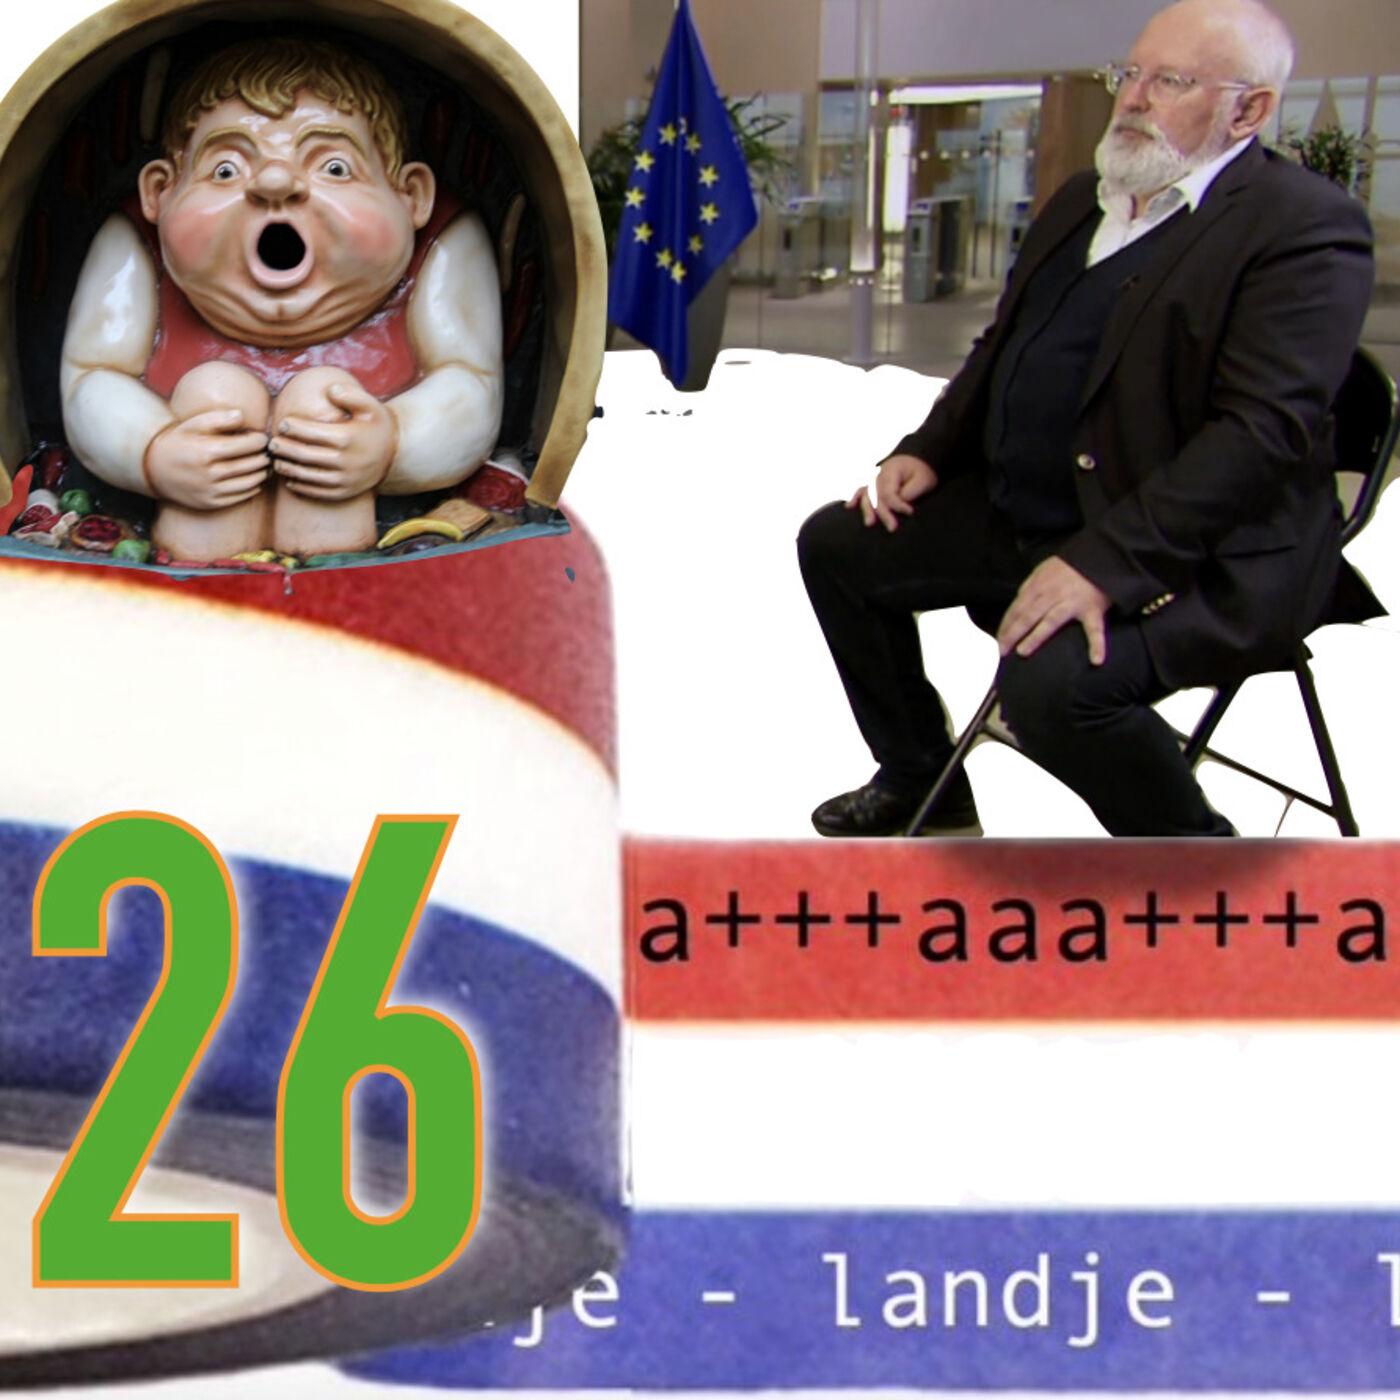 26 - Politiek in de Efteling: zaag het Sprookjesbos om en neem al wobbend de Droomvlucht vooruit naar Holle Bolle Hugo (Radio Coronica komt naar je toe deze zomer)